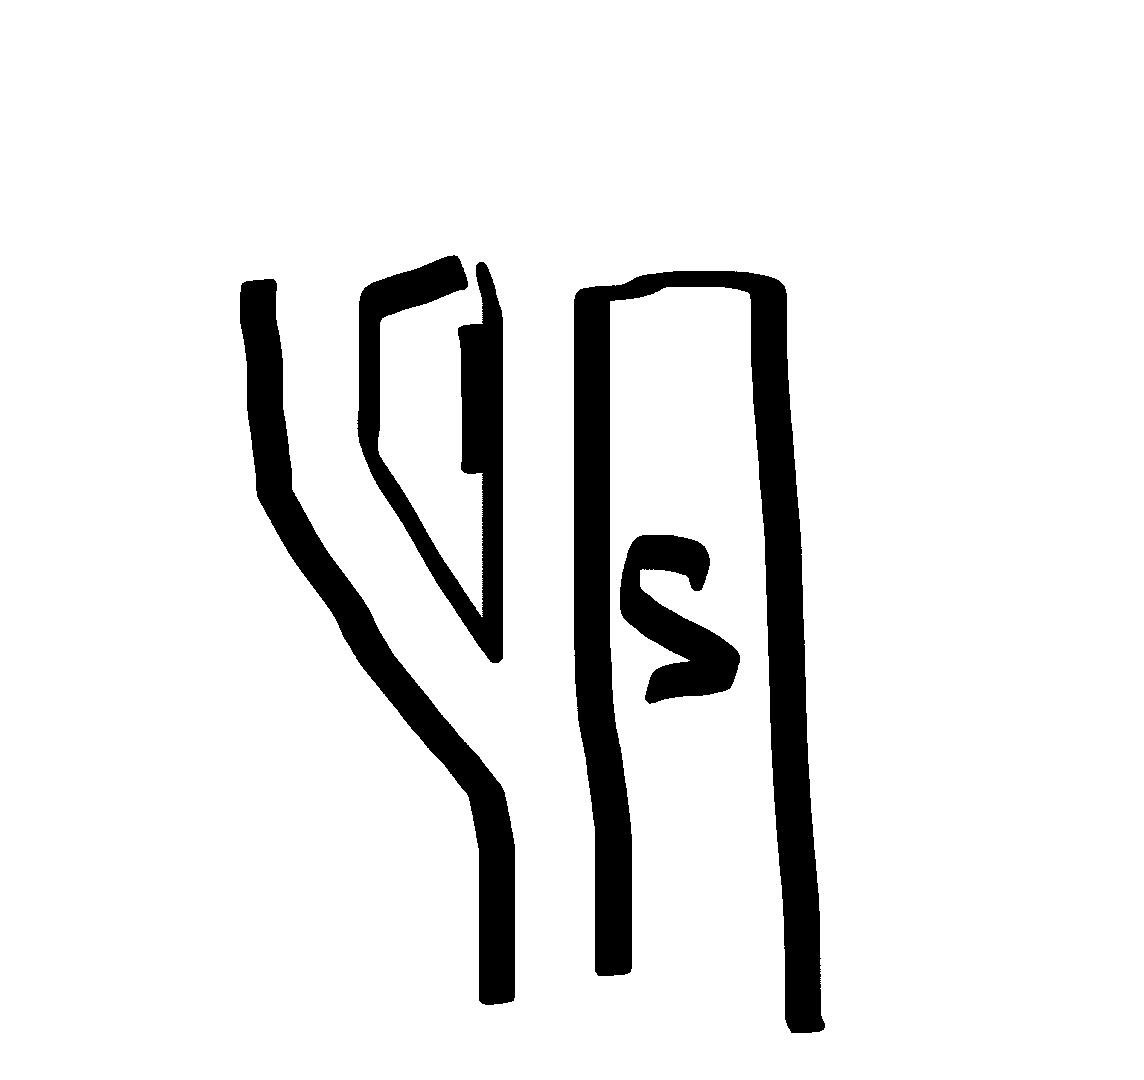 846D4589-668C-4D2A-8D3B-2D98FDCCA6FB.png